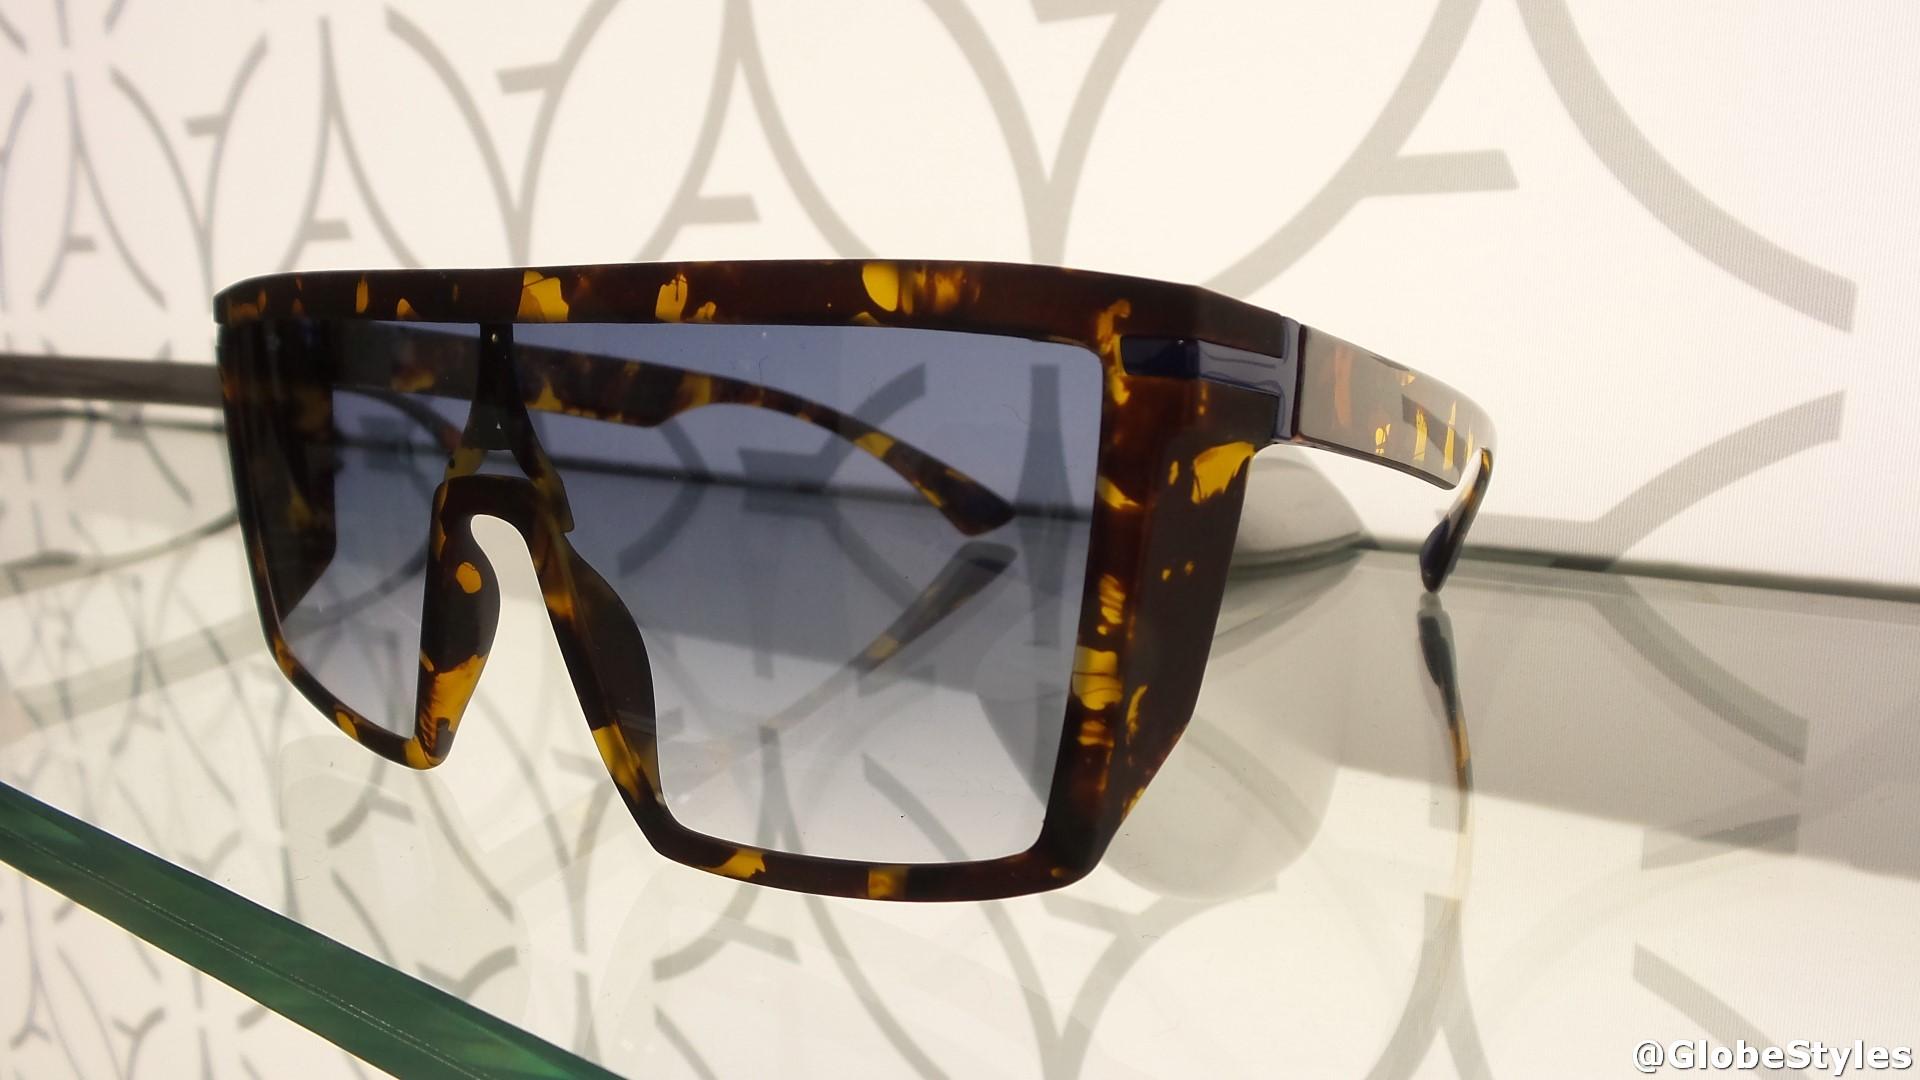 Occhiali Sole Airdp Frame Collezione Da Combined 2019Nuova Foto PkZwOiXTul